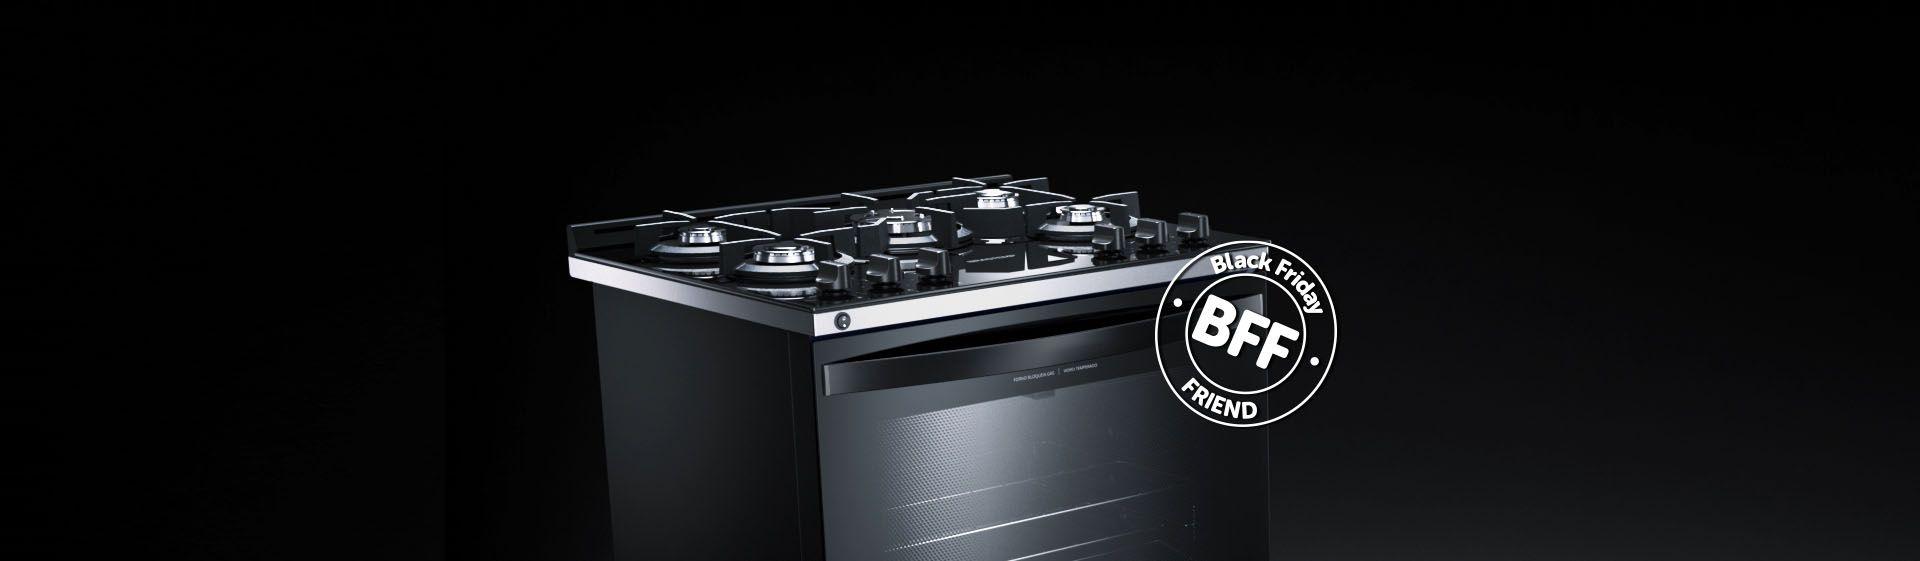 Melhor Fogão com Mesa de Vidro: confira 10 modelos para comprar em 2020